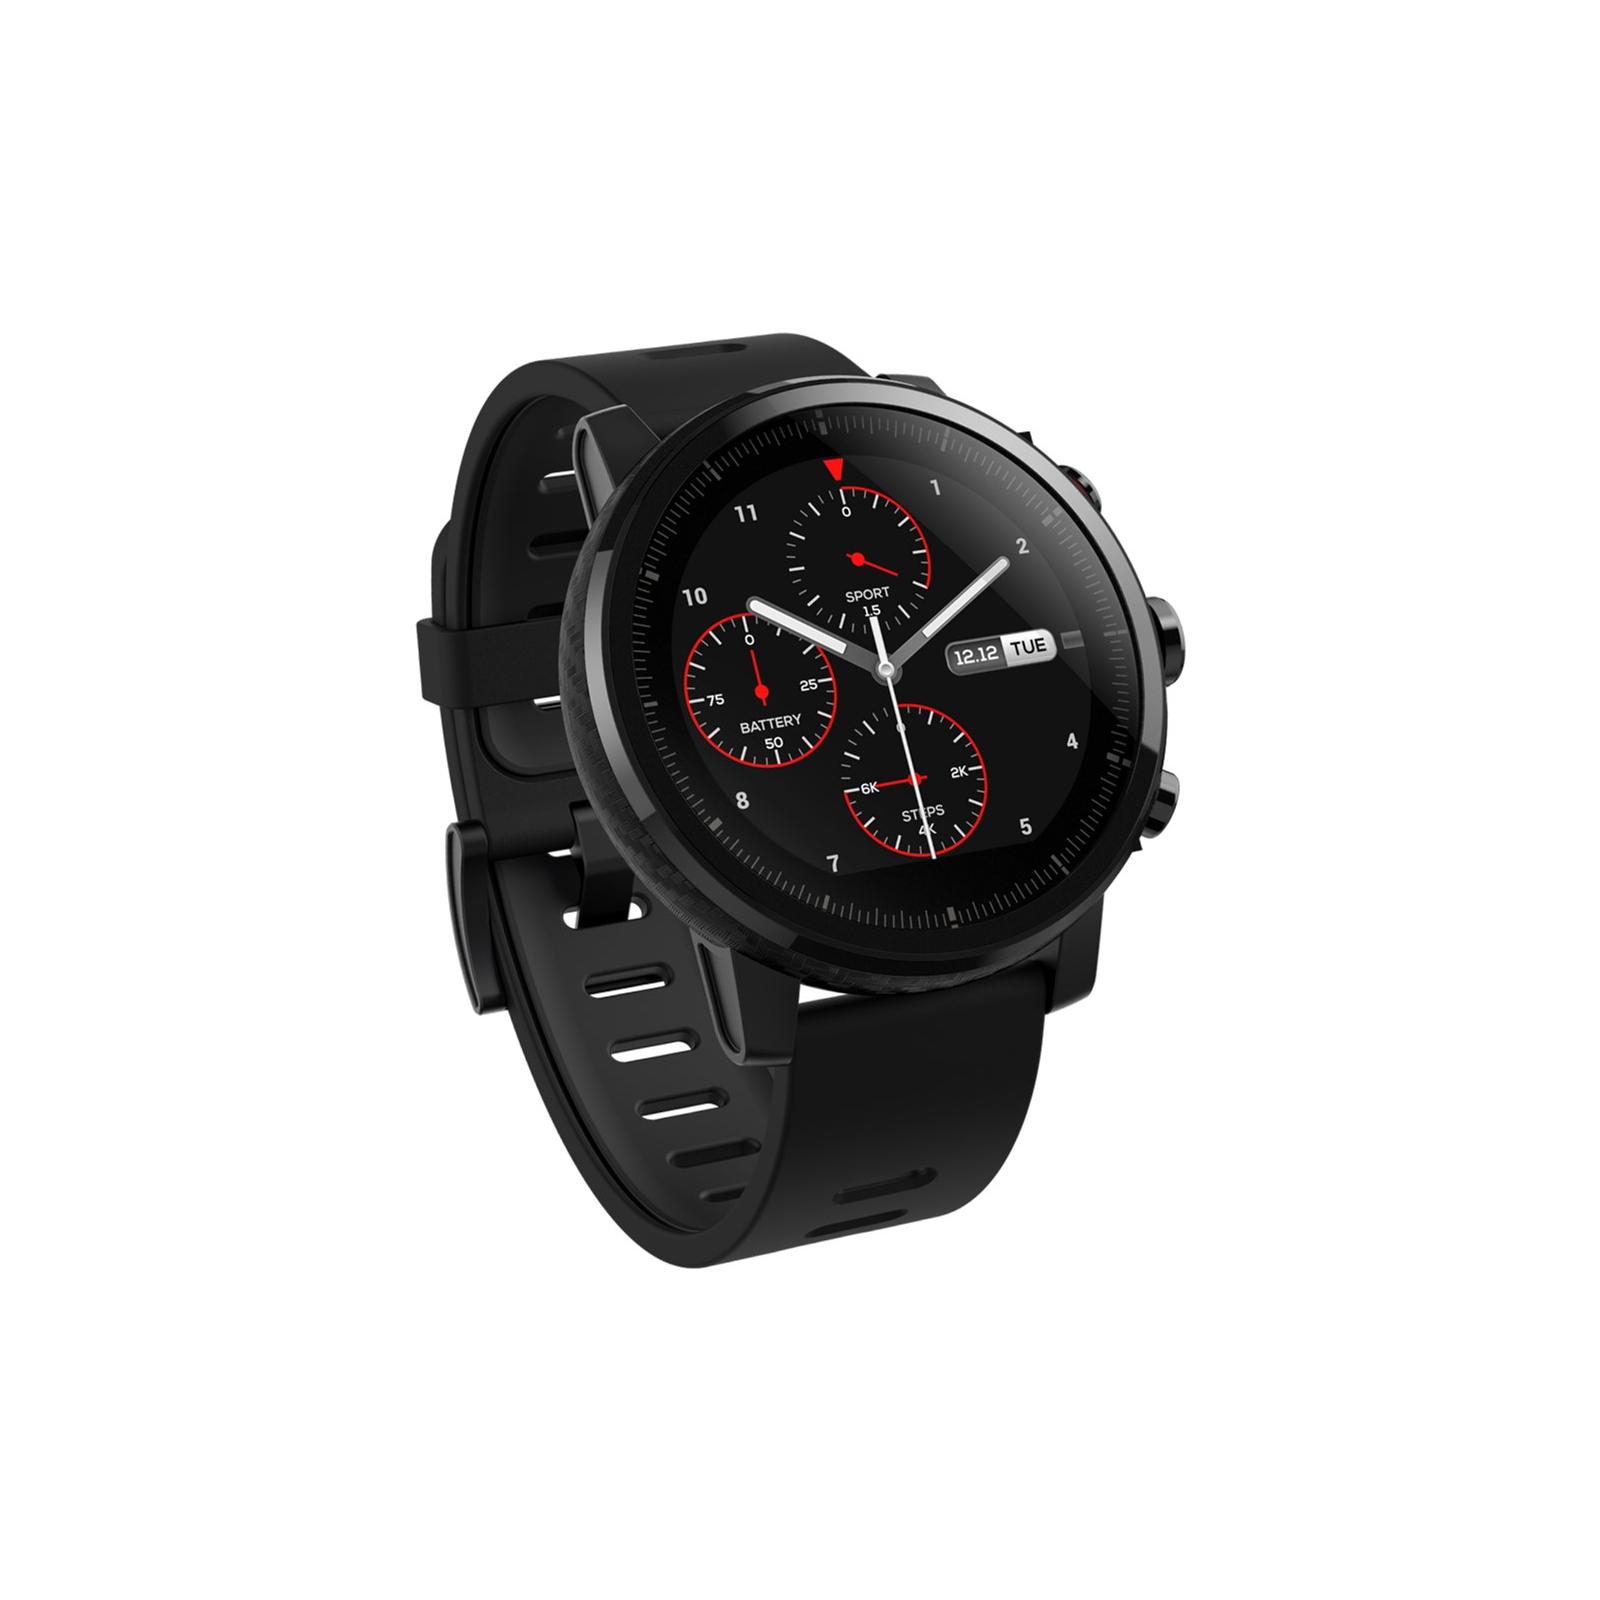 a84bc4d9c9bb Смарт-часы Amazfit Stratos (A1619) цены в Киеве и Украине - купить в ...